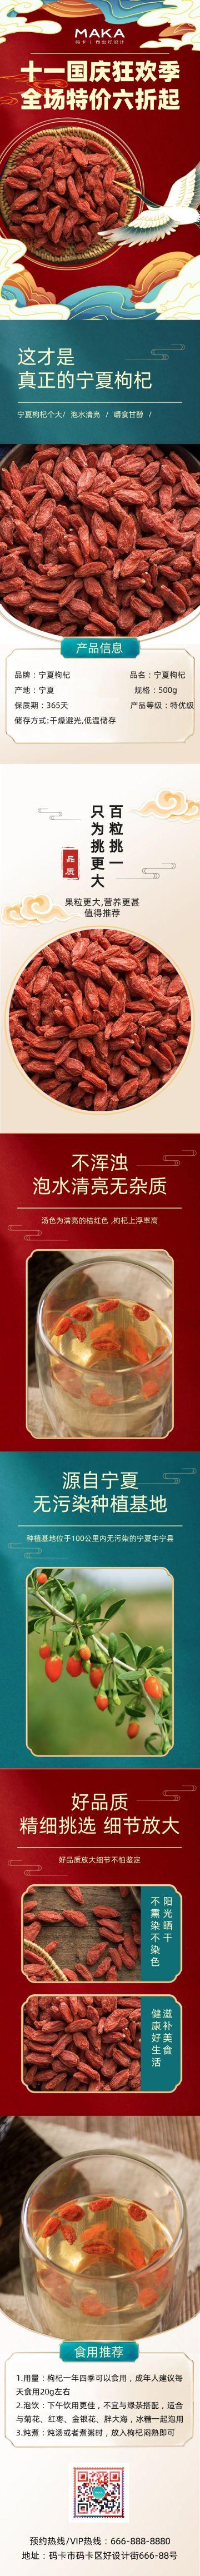 红色中国风国庆钜惠宣传促销详情页